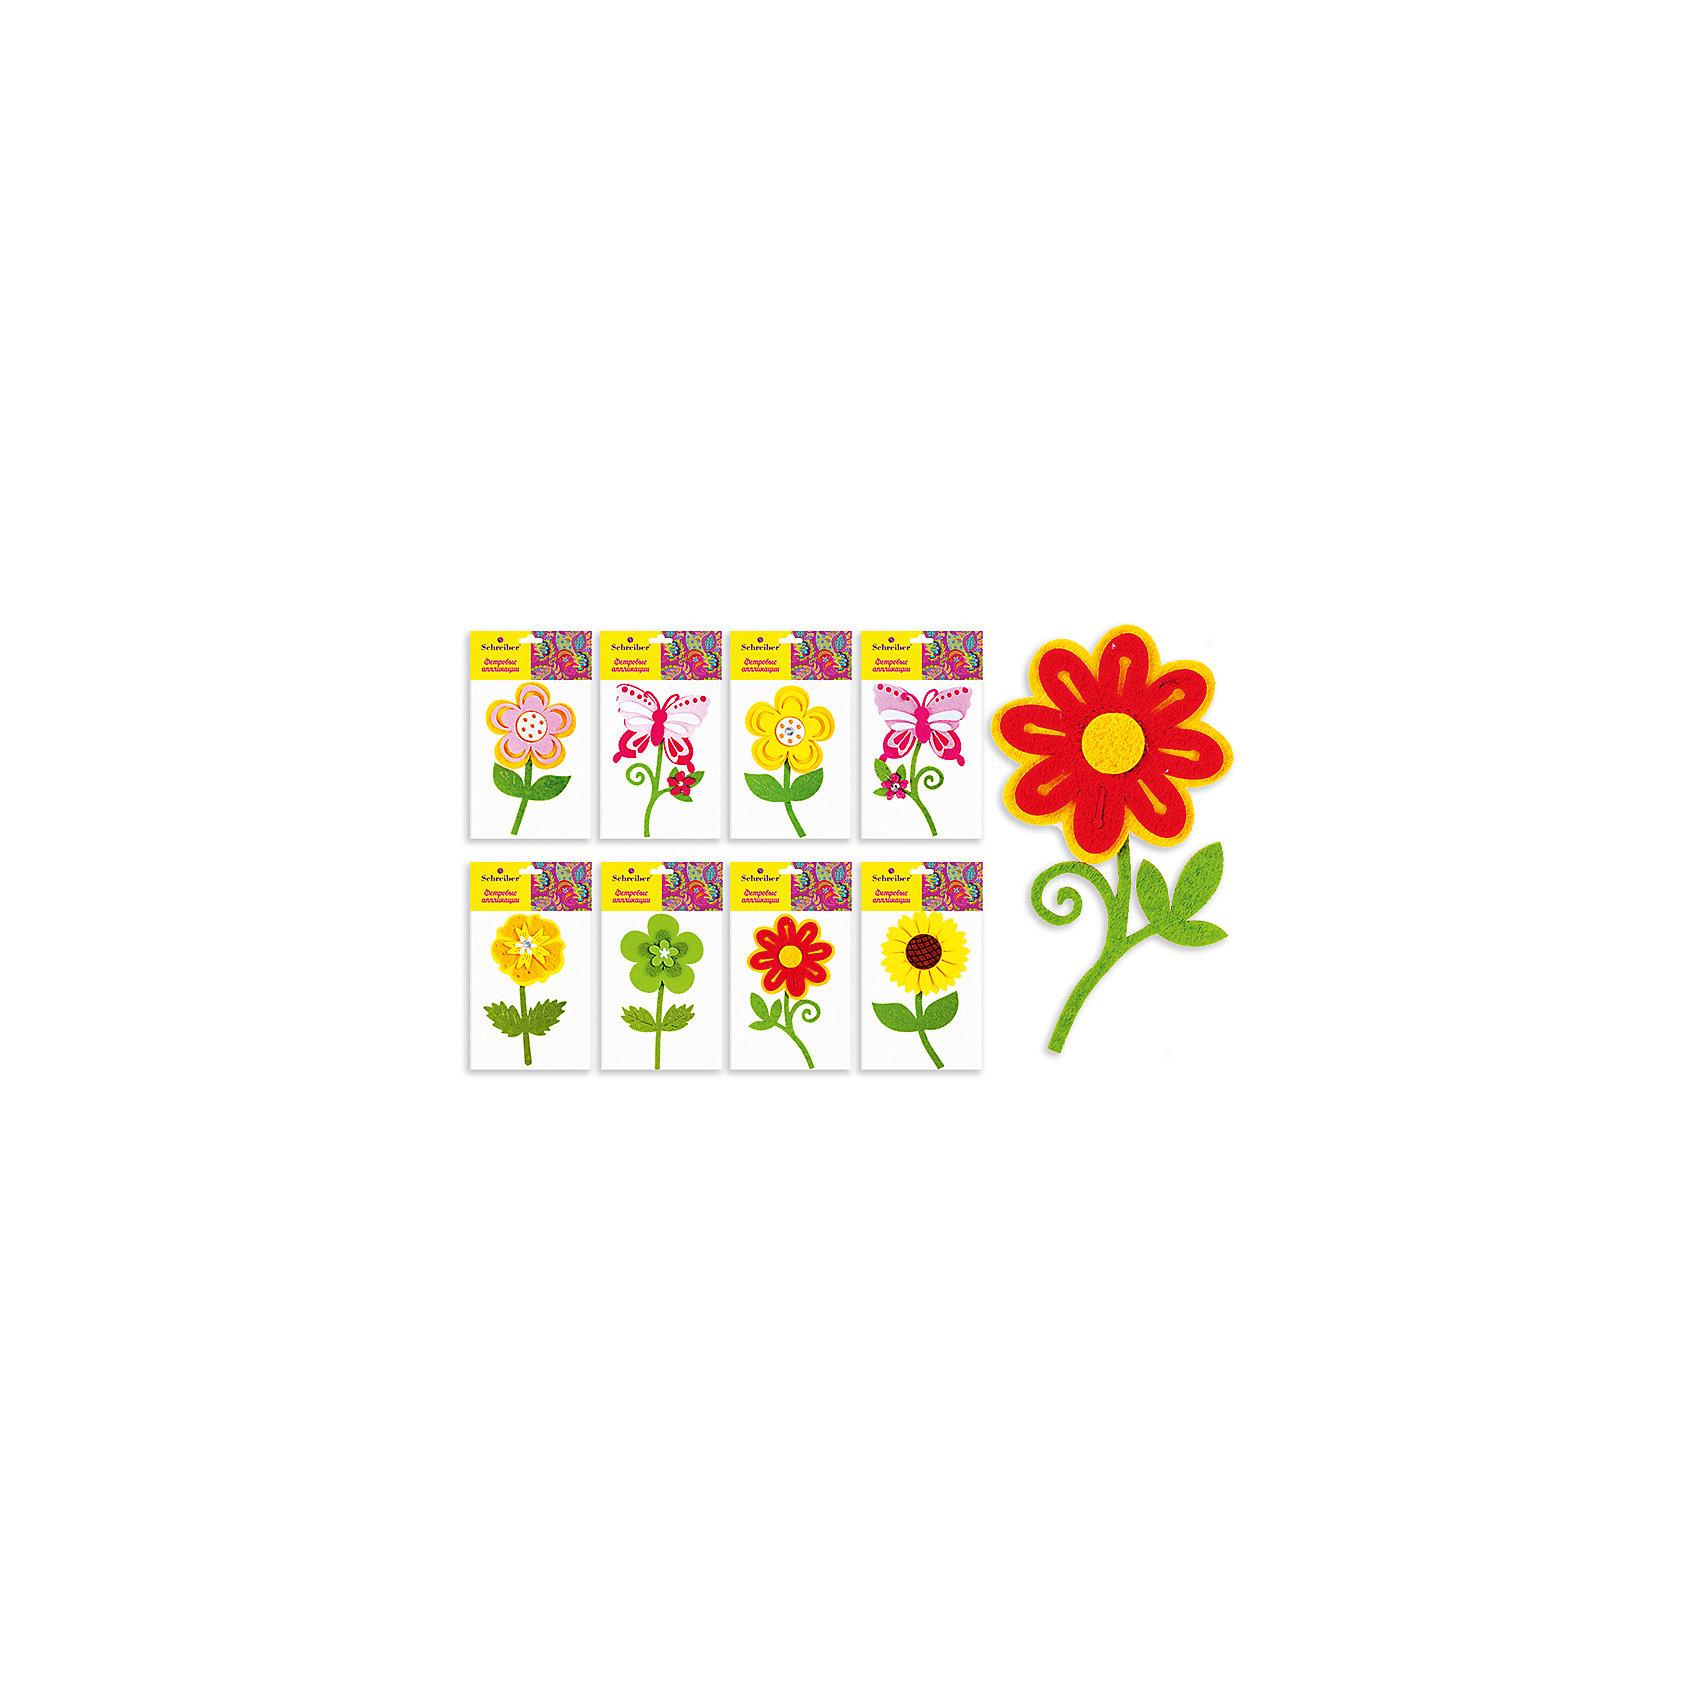 Фетровые аппликации Цветок 12*10 см (8 дизайнов в ассортименте)Последняя цена<br>Фетровые аппликации Цветок 12*10 см (8 дизайнов в ассортименте) от известного торгового бренда канцелярских товаров и товаров для творчества TUKZAR. Набор включает в себя разноцветные заготовки животных, растений и других предметов для занятий аппликацией с детьми дошкольного и младшего школьного возраста. Комплектация позволяет создавать сюжетные картинки. Кроме того, данные заготовки можно использовать в качестве меток для детской одежды.<br>Фетровые аппликации Цветок 12*10 см (8 дизайнов в ассортименте) способствуют развитию у ребенка внимания, усидчивости, воображения и фантазии.<br><br>Дополнительная информация:<br><br>- Предназначение: для аппликаций<br>- Материал: фетр<br>- Комплектация: 8 дизайнов (цветочки и бабочки)<br>- Размеры упаковки (Д*В): 10*12 см<br>- Упаковка: полиэтилен<br><br>Подробнее:<br><br>• Для детей в возрасте: от 3 лет <br>• Страна производитель: Китай<br>• Торговый бренд: TUKZAR<br><br>Фетровые аппликации Цветок 12*10 см (8 дизайнов в ассортименте) можно купить в нашем интернет-магазине.<br><br>Ширина мм: 120<br>Глубина мм: 100<br>Высота мм: 10<br>Вес г: 50<br>Возраст от месяцев: 36<br>Возраст до месяцев: 72<br>Пол: Унисекс<br>Возраст: Детский<br>SKU: 5001411